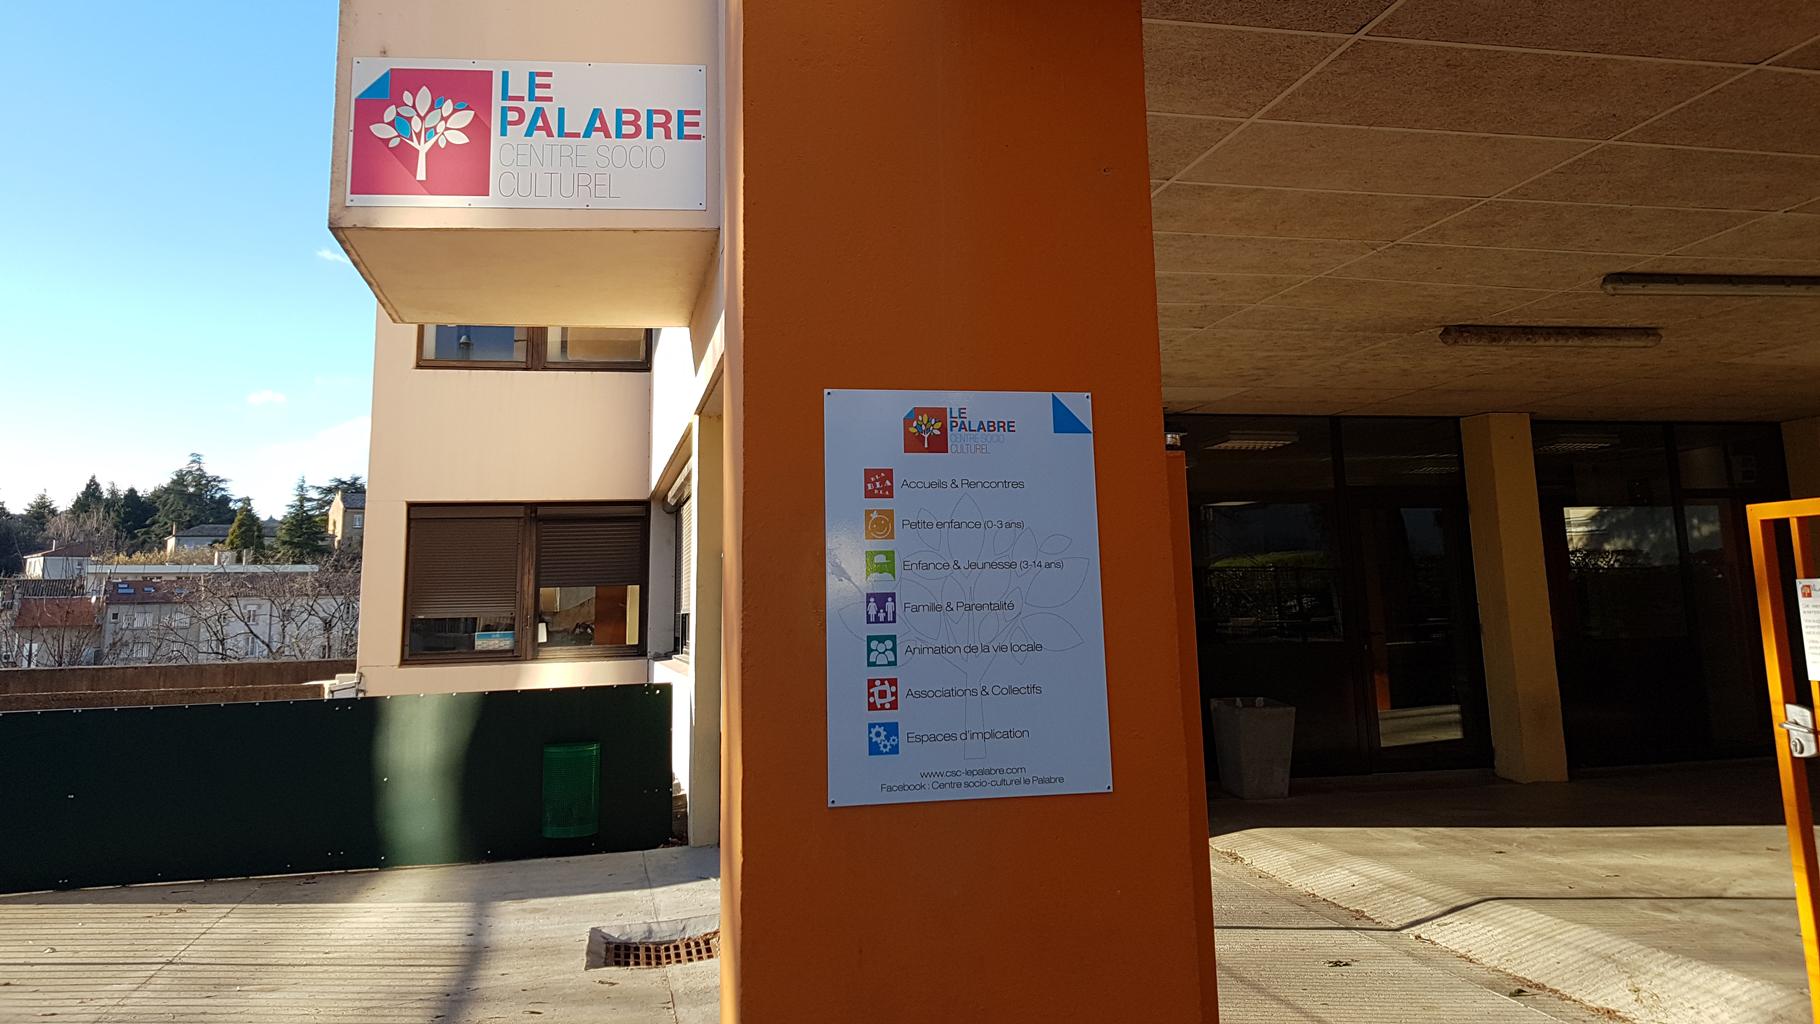 Centre socio culturel le Palabre